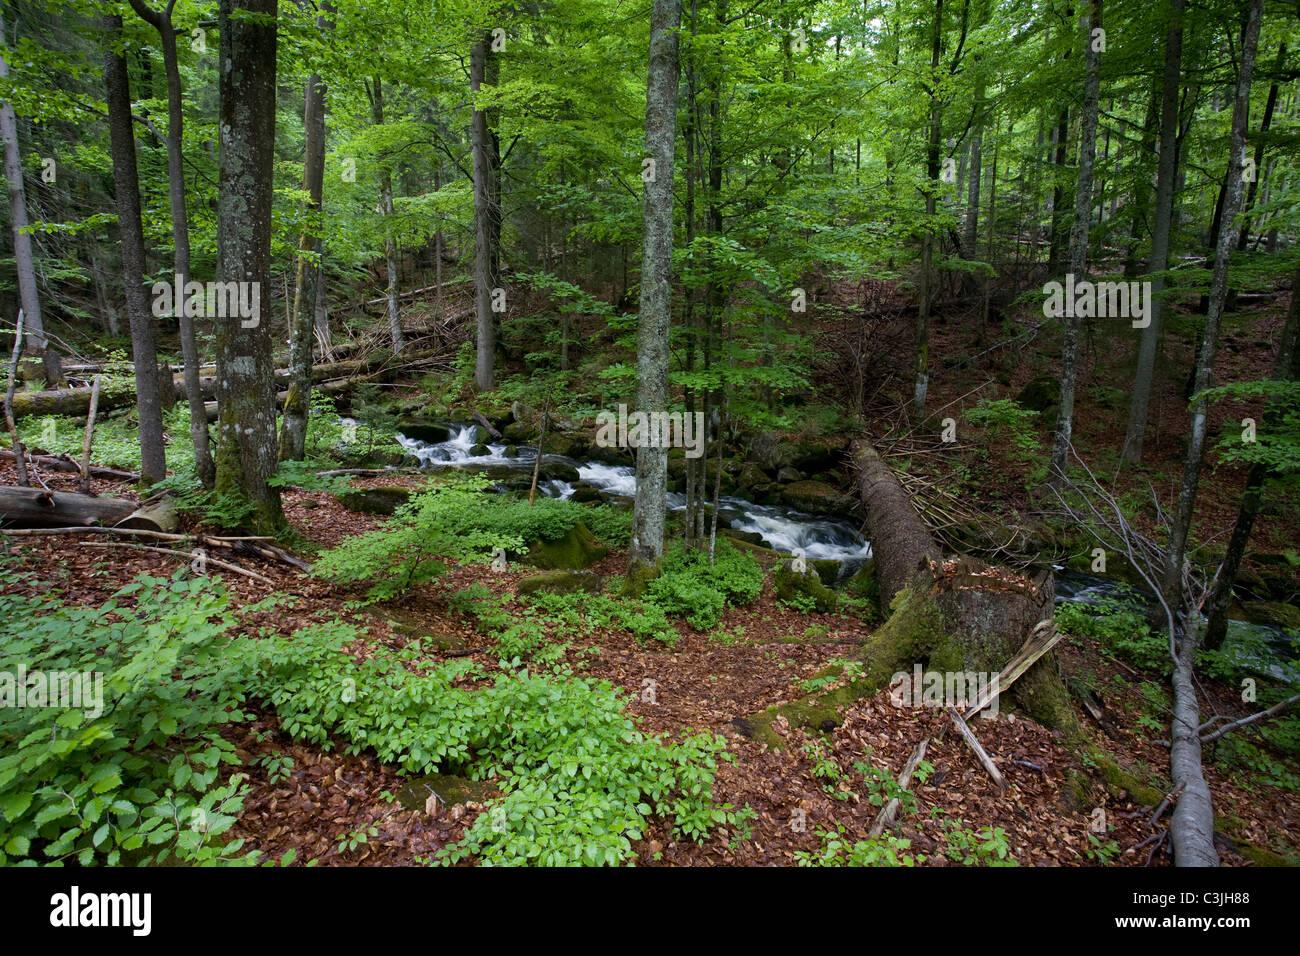 Bach im Nationalpark Bayerischer Wald, Creek in Bavarian forest national park, Deutschland, Germany Stock Photo